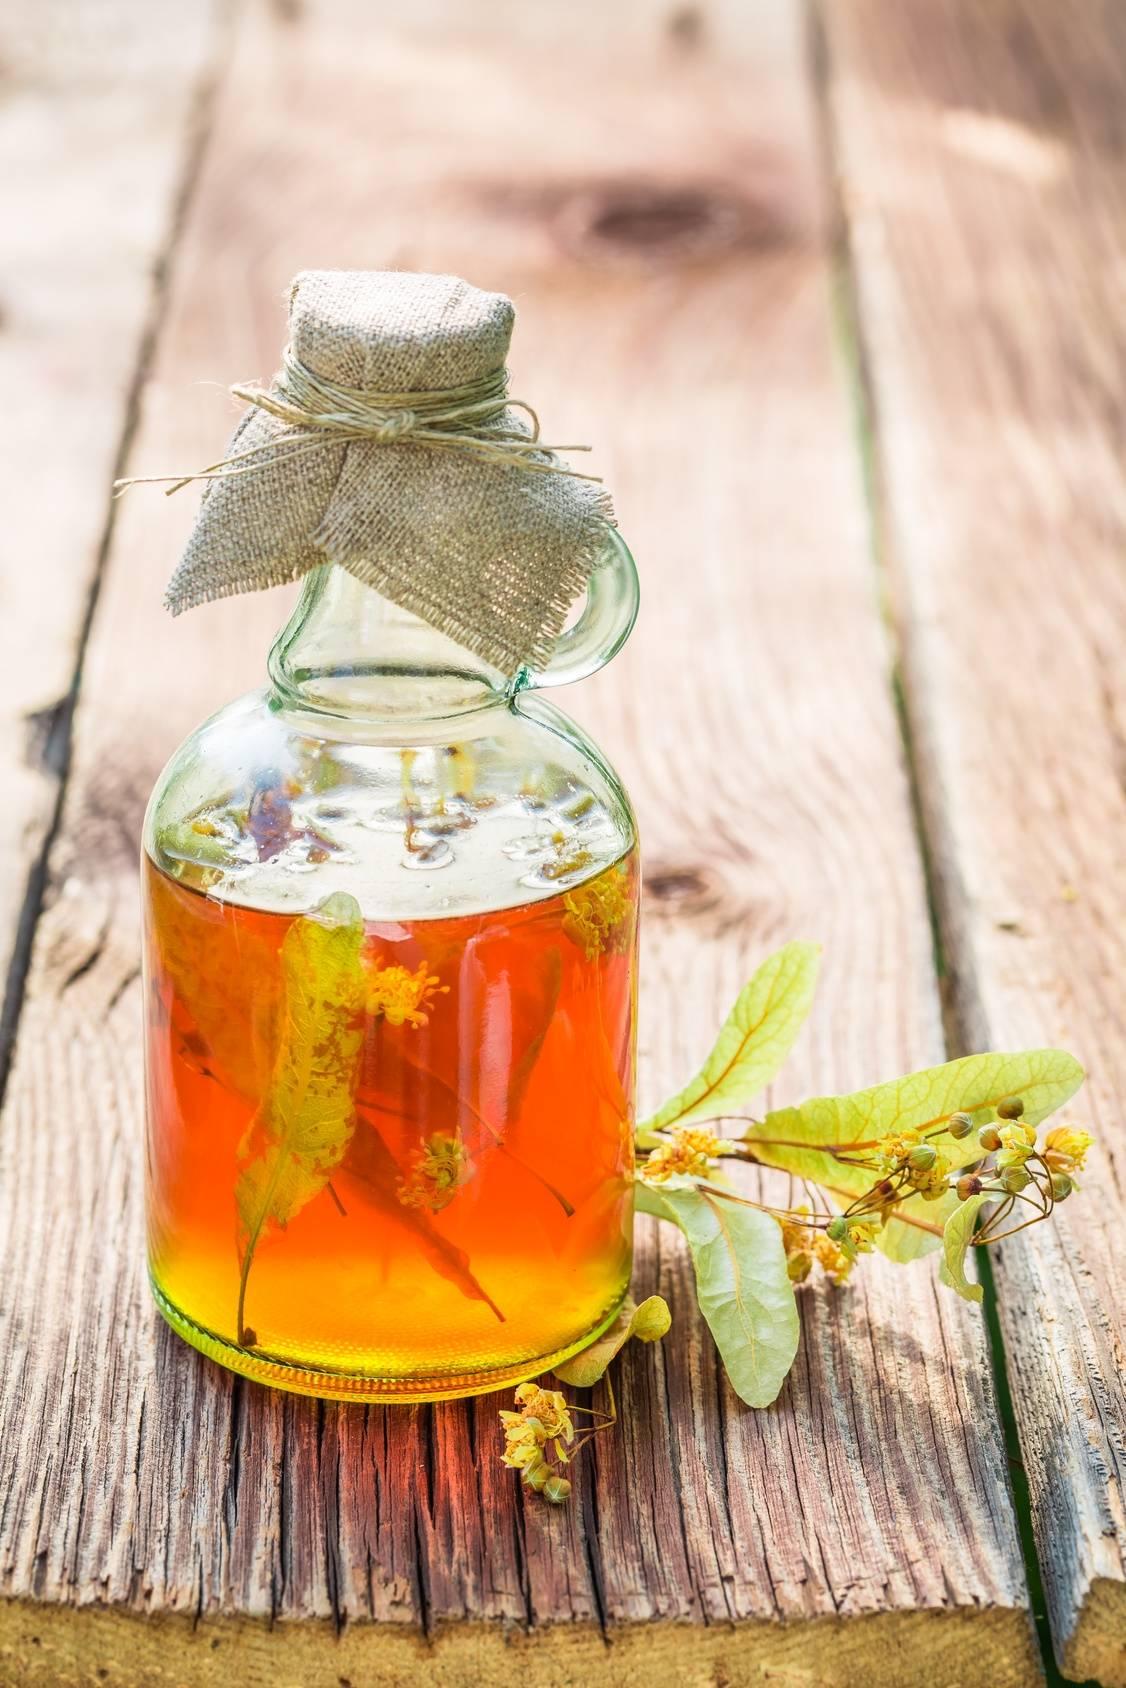 Butelka nalewki leczniczej z lipy o pomarańczowym zabarwieniu stoi na drewnianym stole. Obok leży ususzona gałązka z liśćmi lipy.